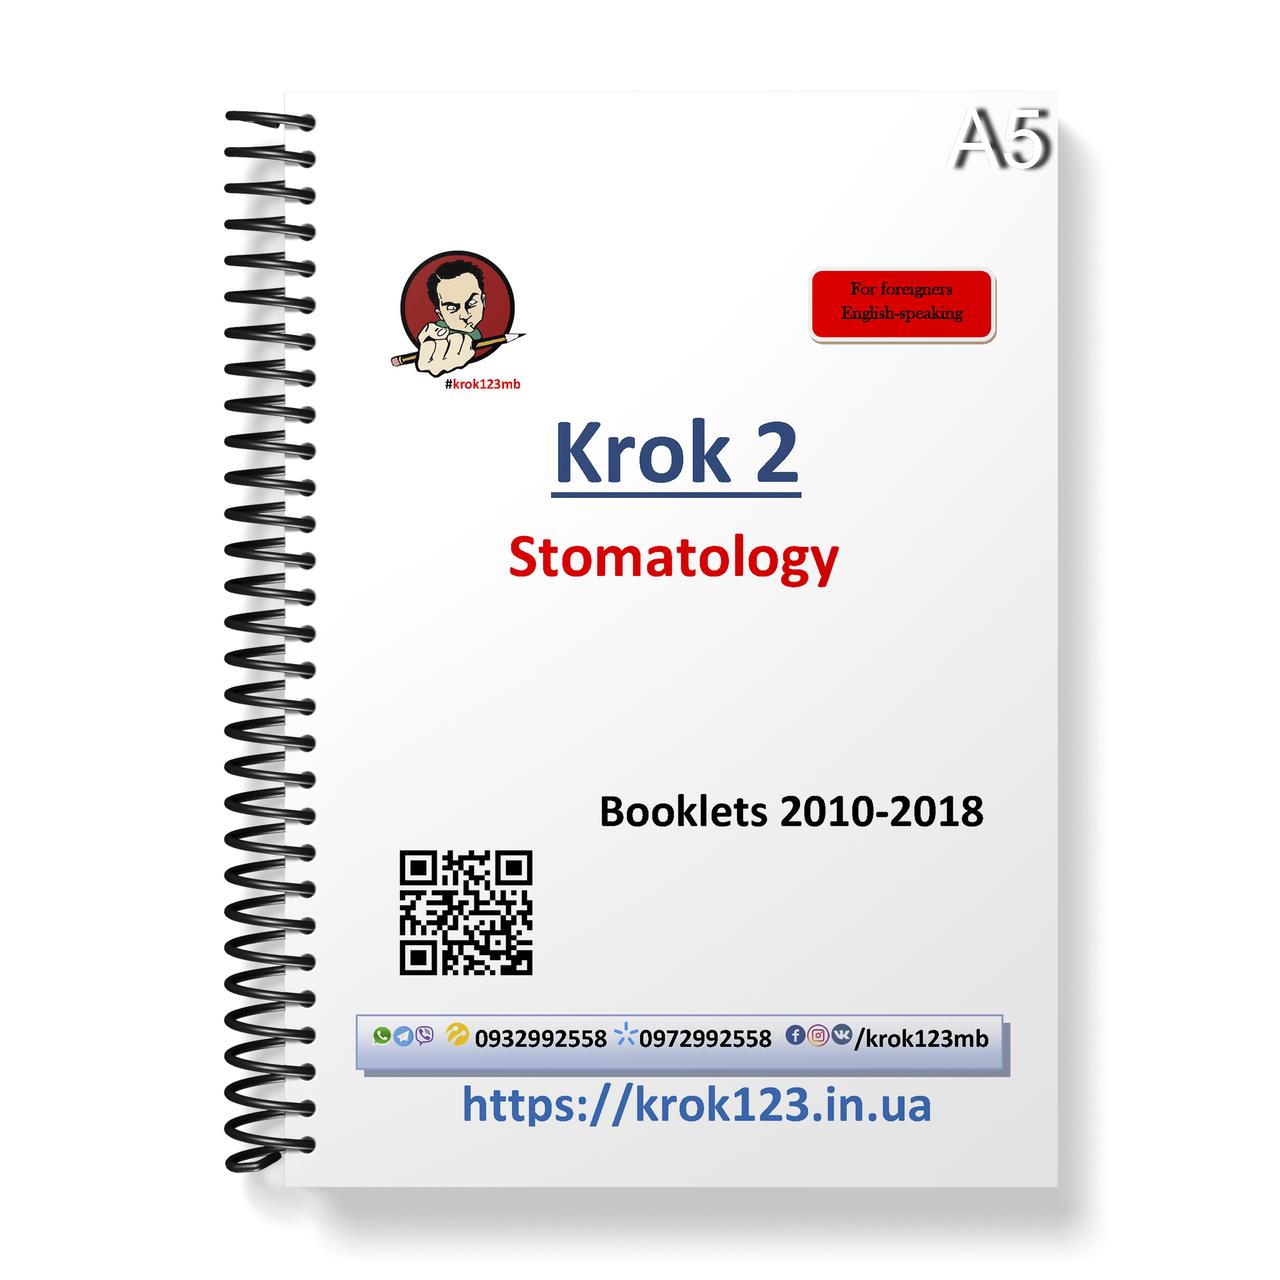 Крок 2. Стоматологія. Буклети 2010-2018 роки. Для іноземців англомовних